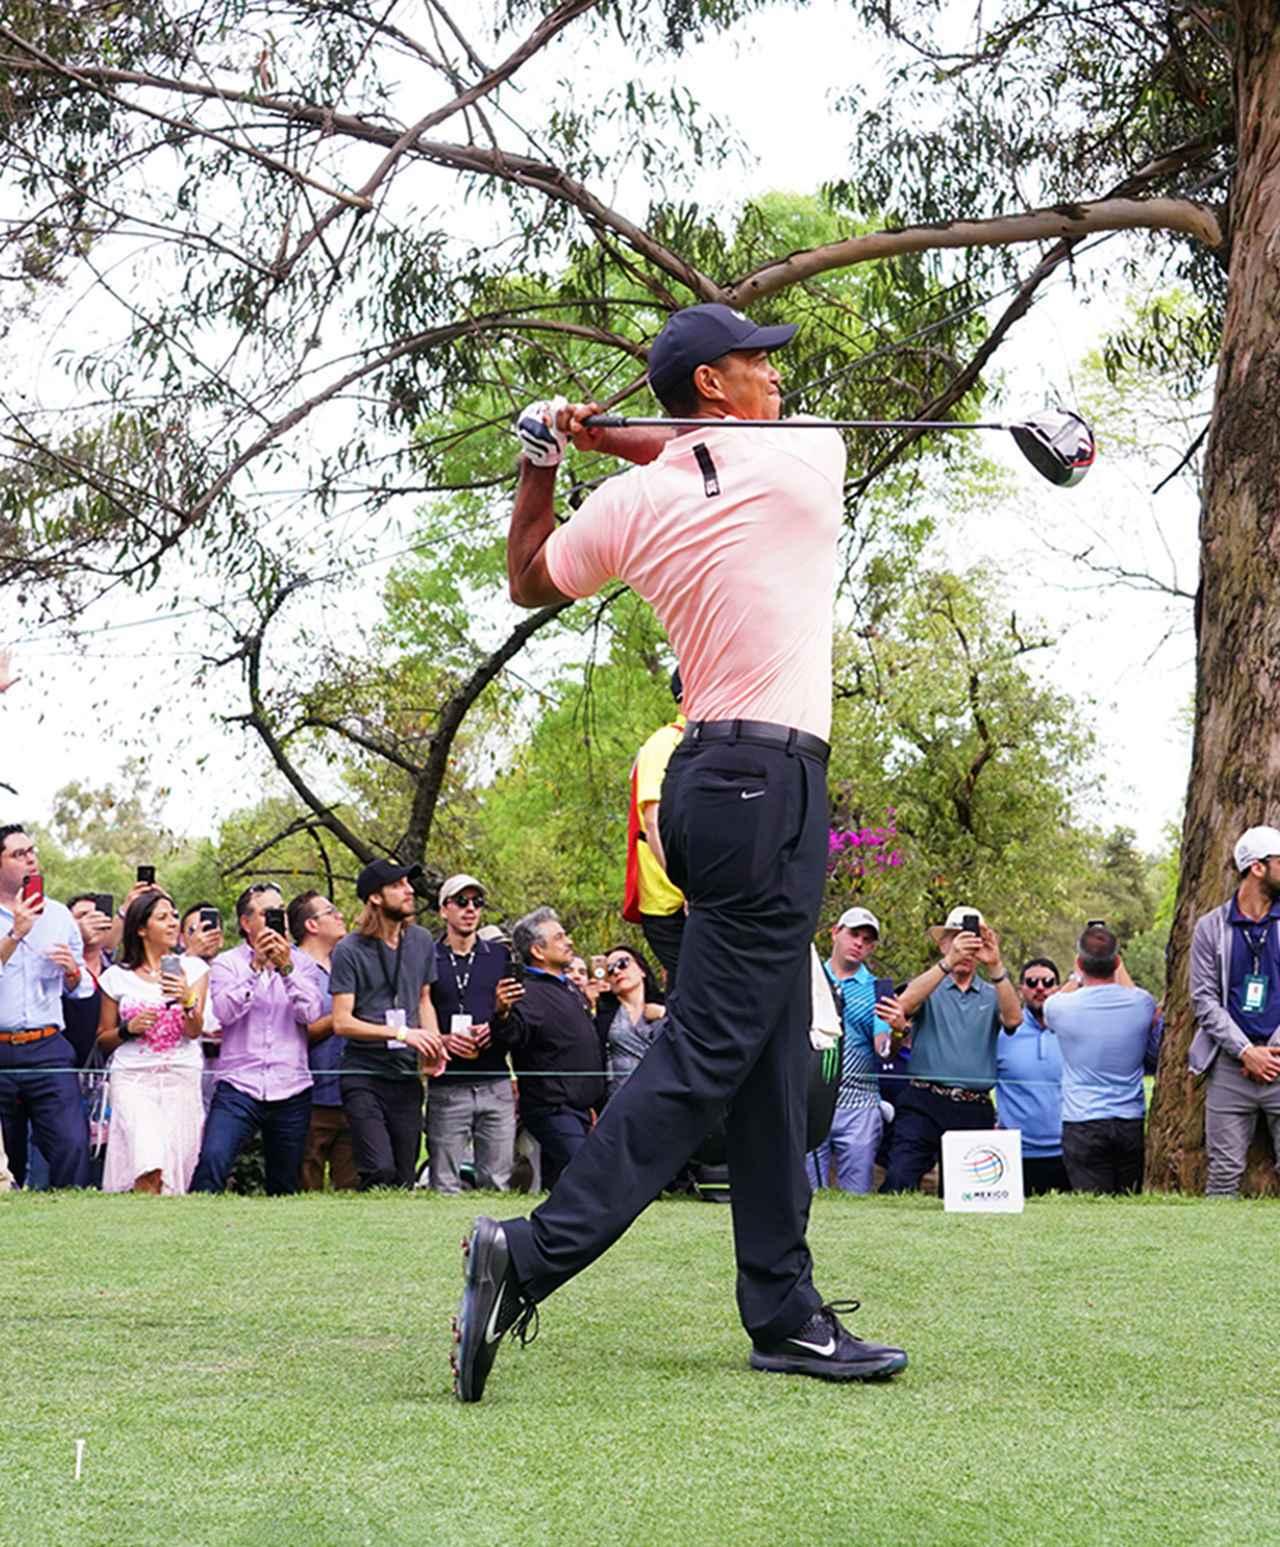 画像25: 【平成スウィング変遷史②】タイガー・ウッズが切り開いたパワーゴルフの時代